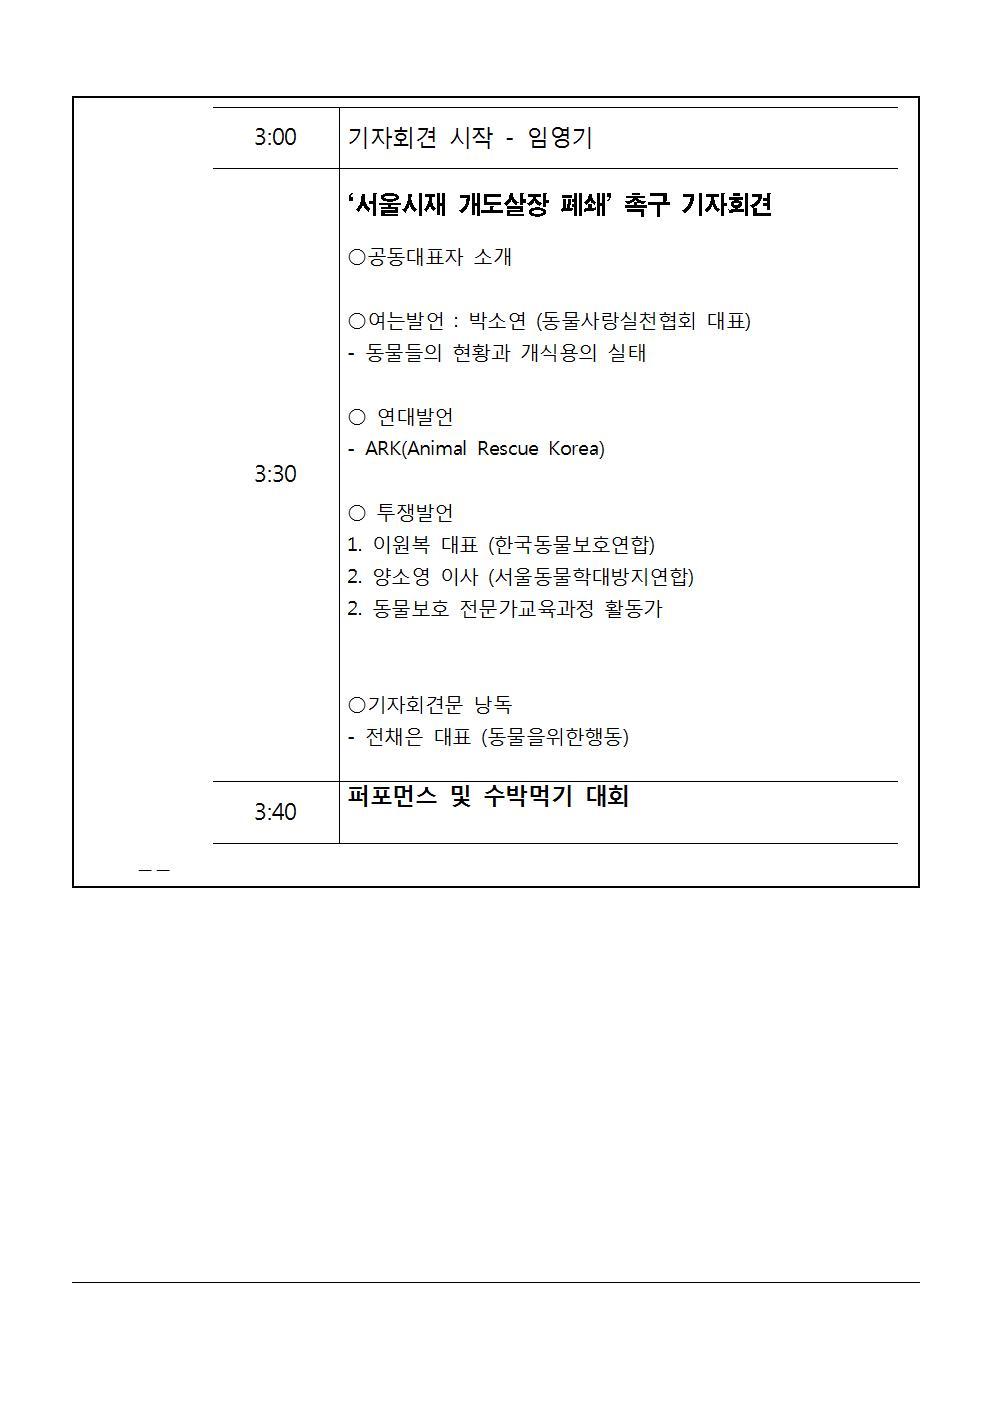 [보도자료]개식용금지_홍대기자회견002.jpg